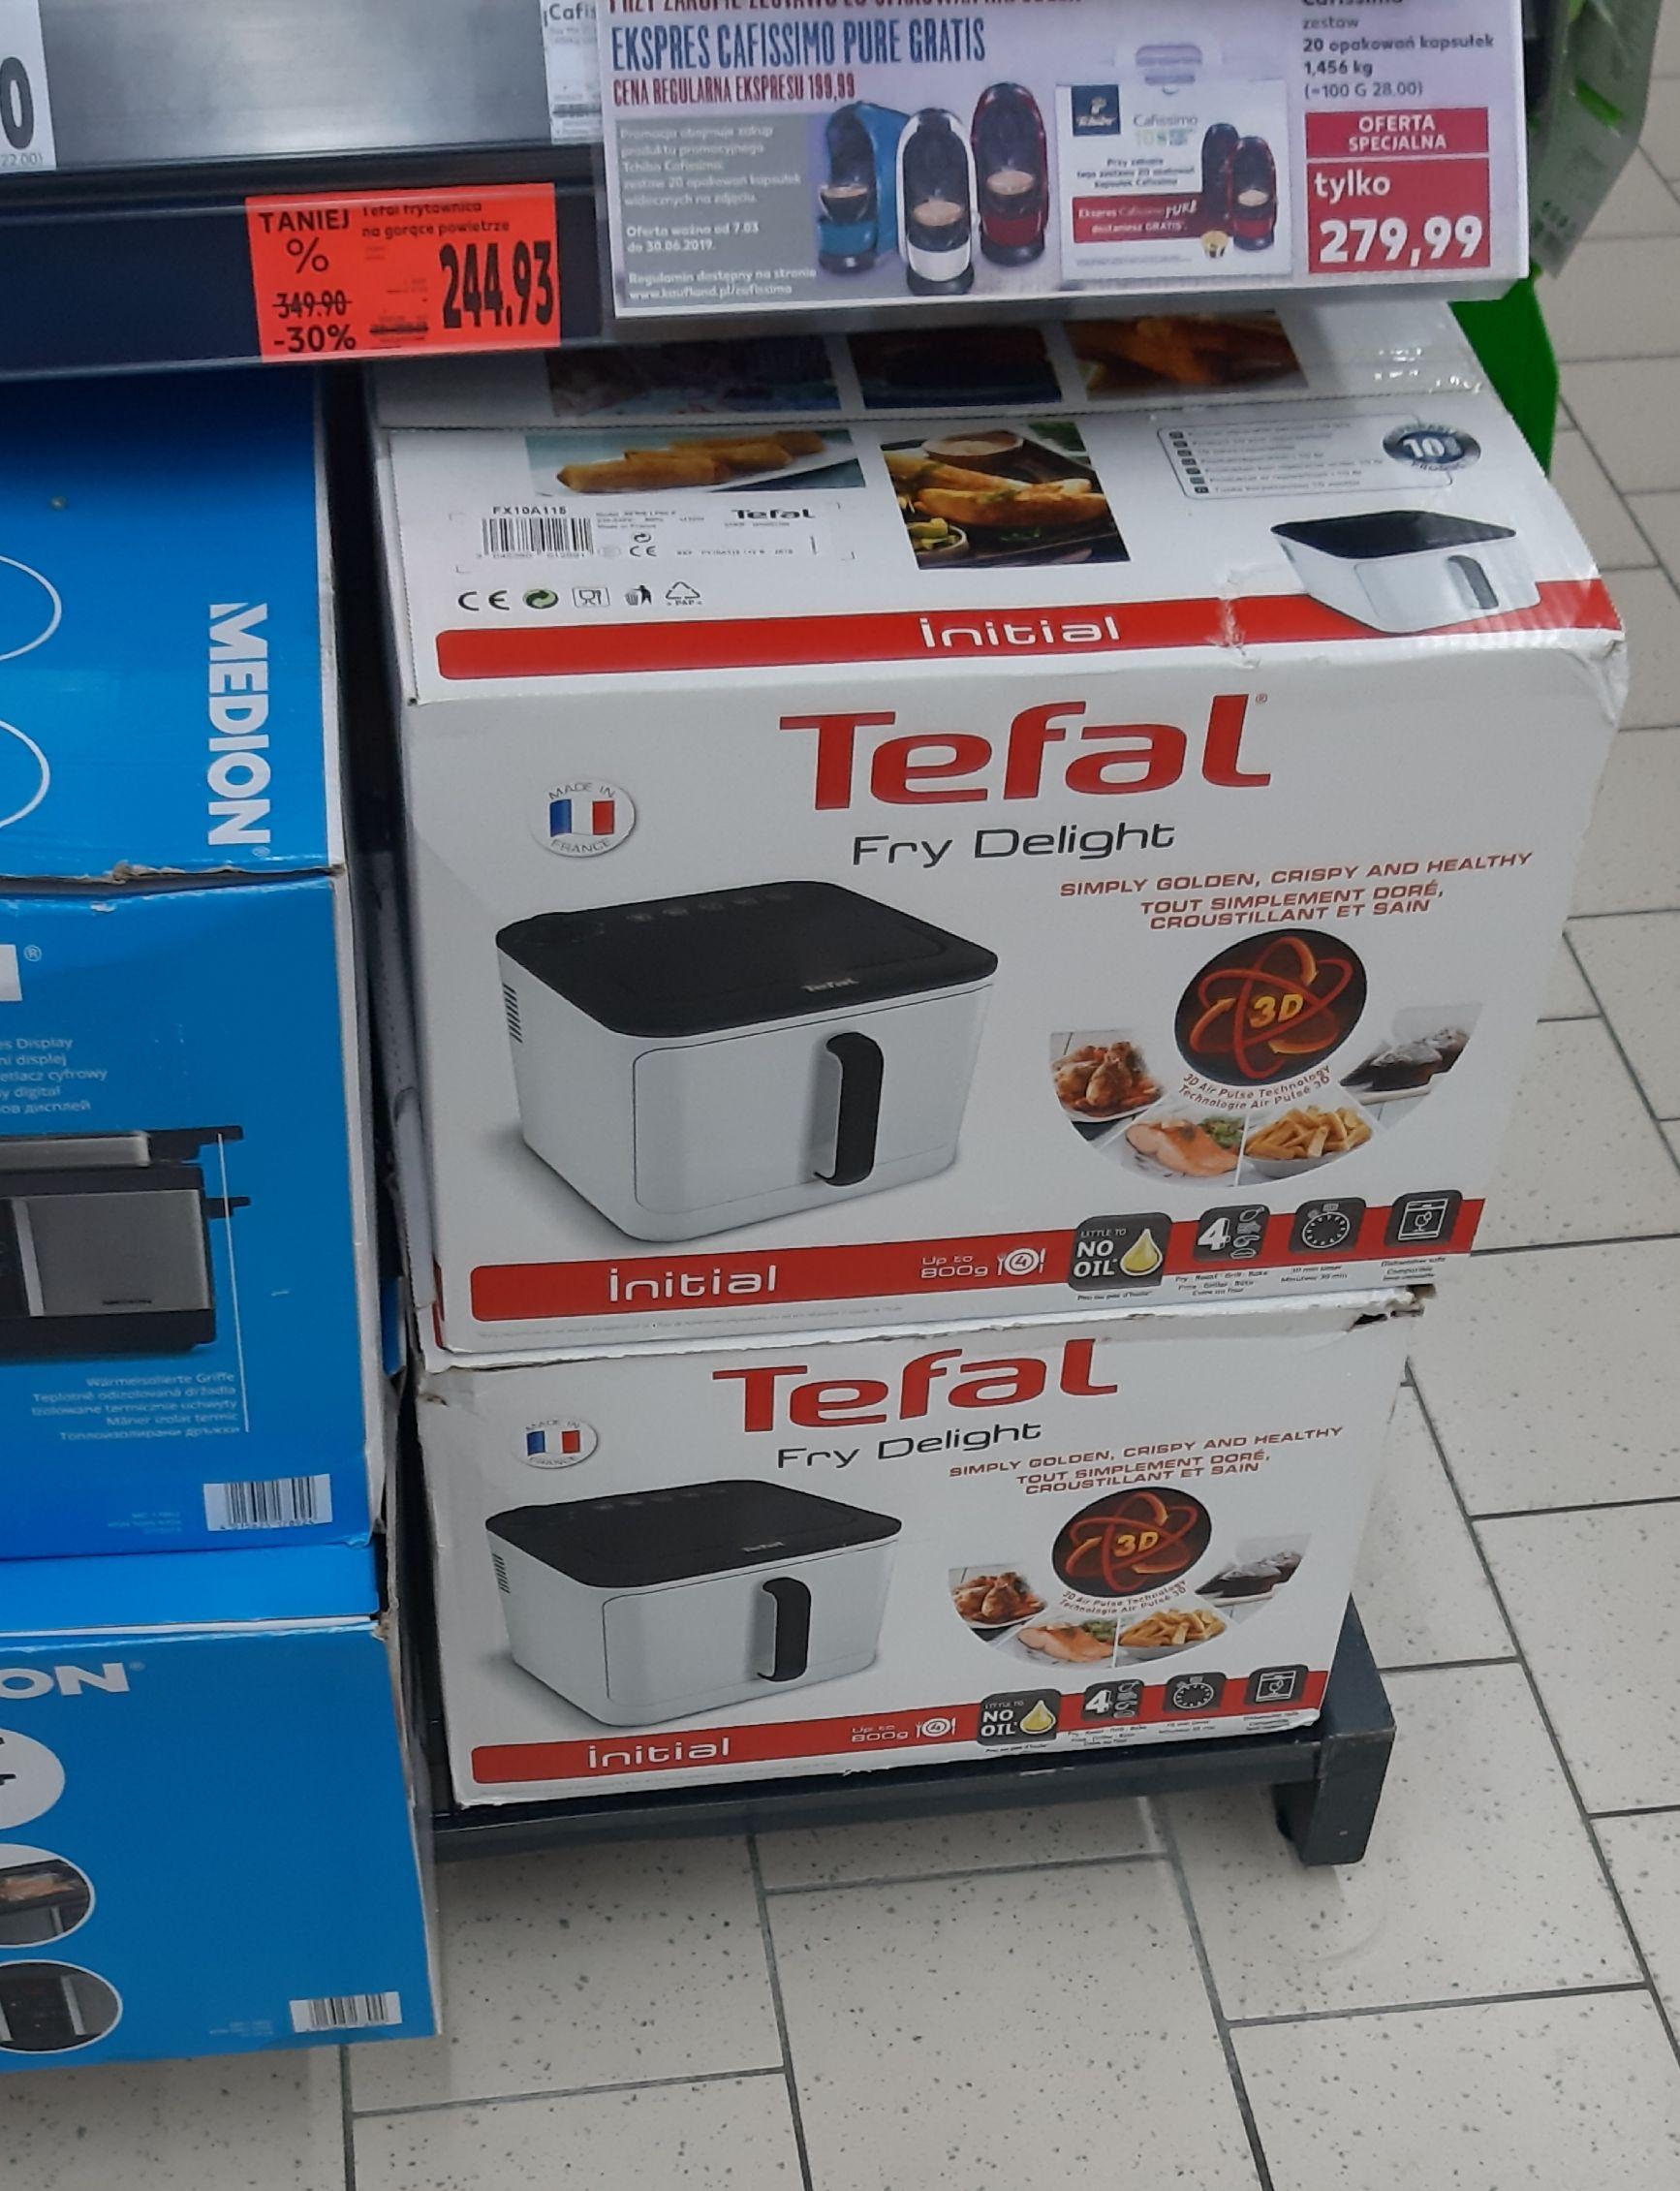 Kaufland Leszno - Tefal fry delight frytownica na gorące powietrze